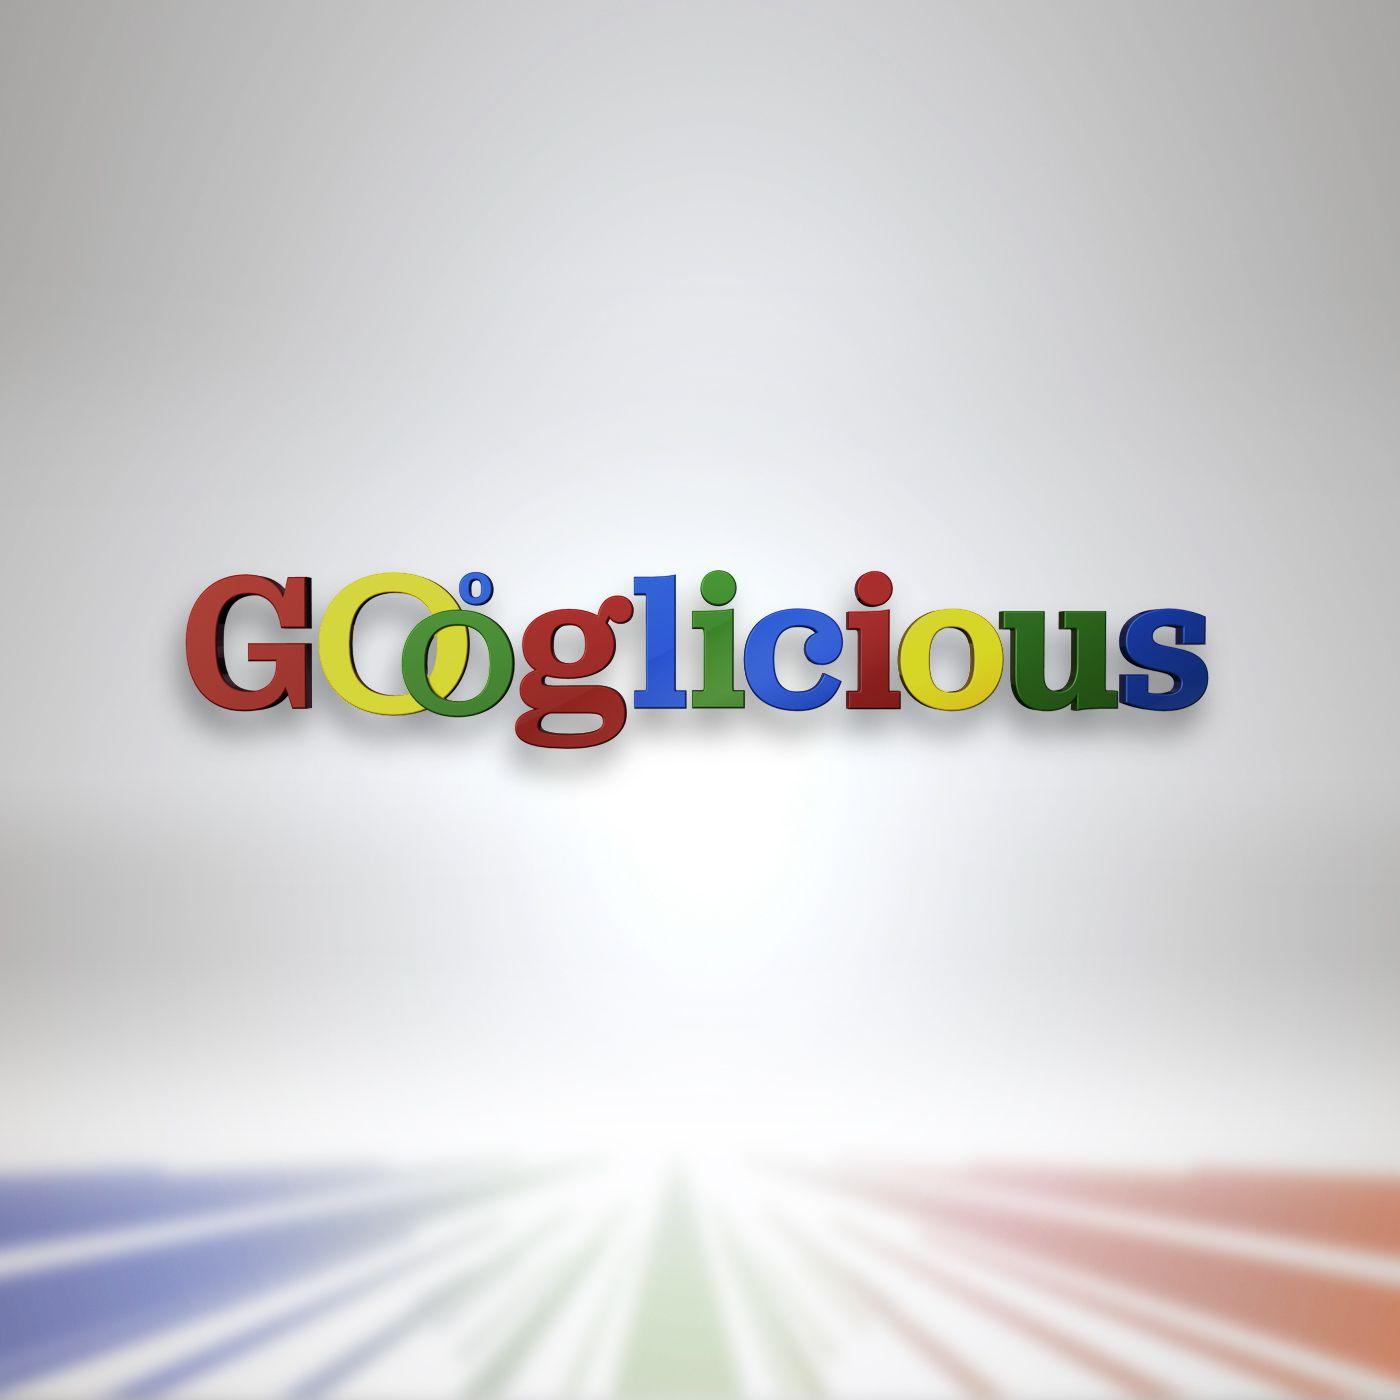 Googlicious (HD)